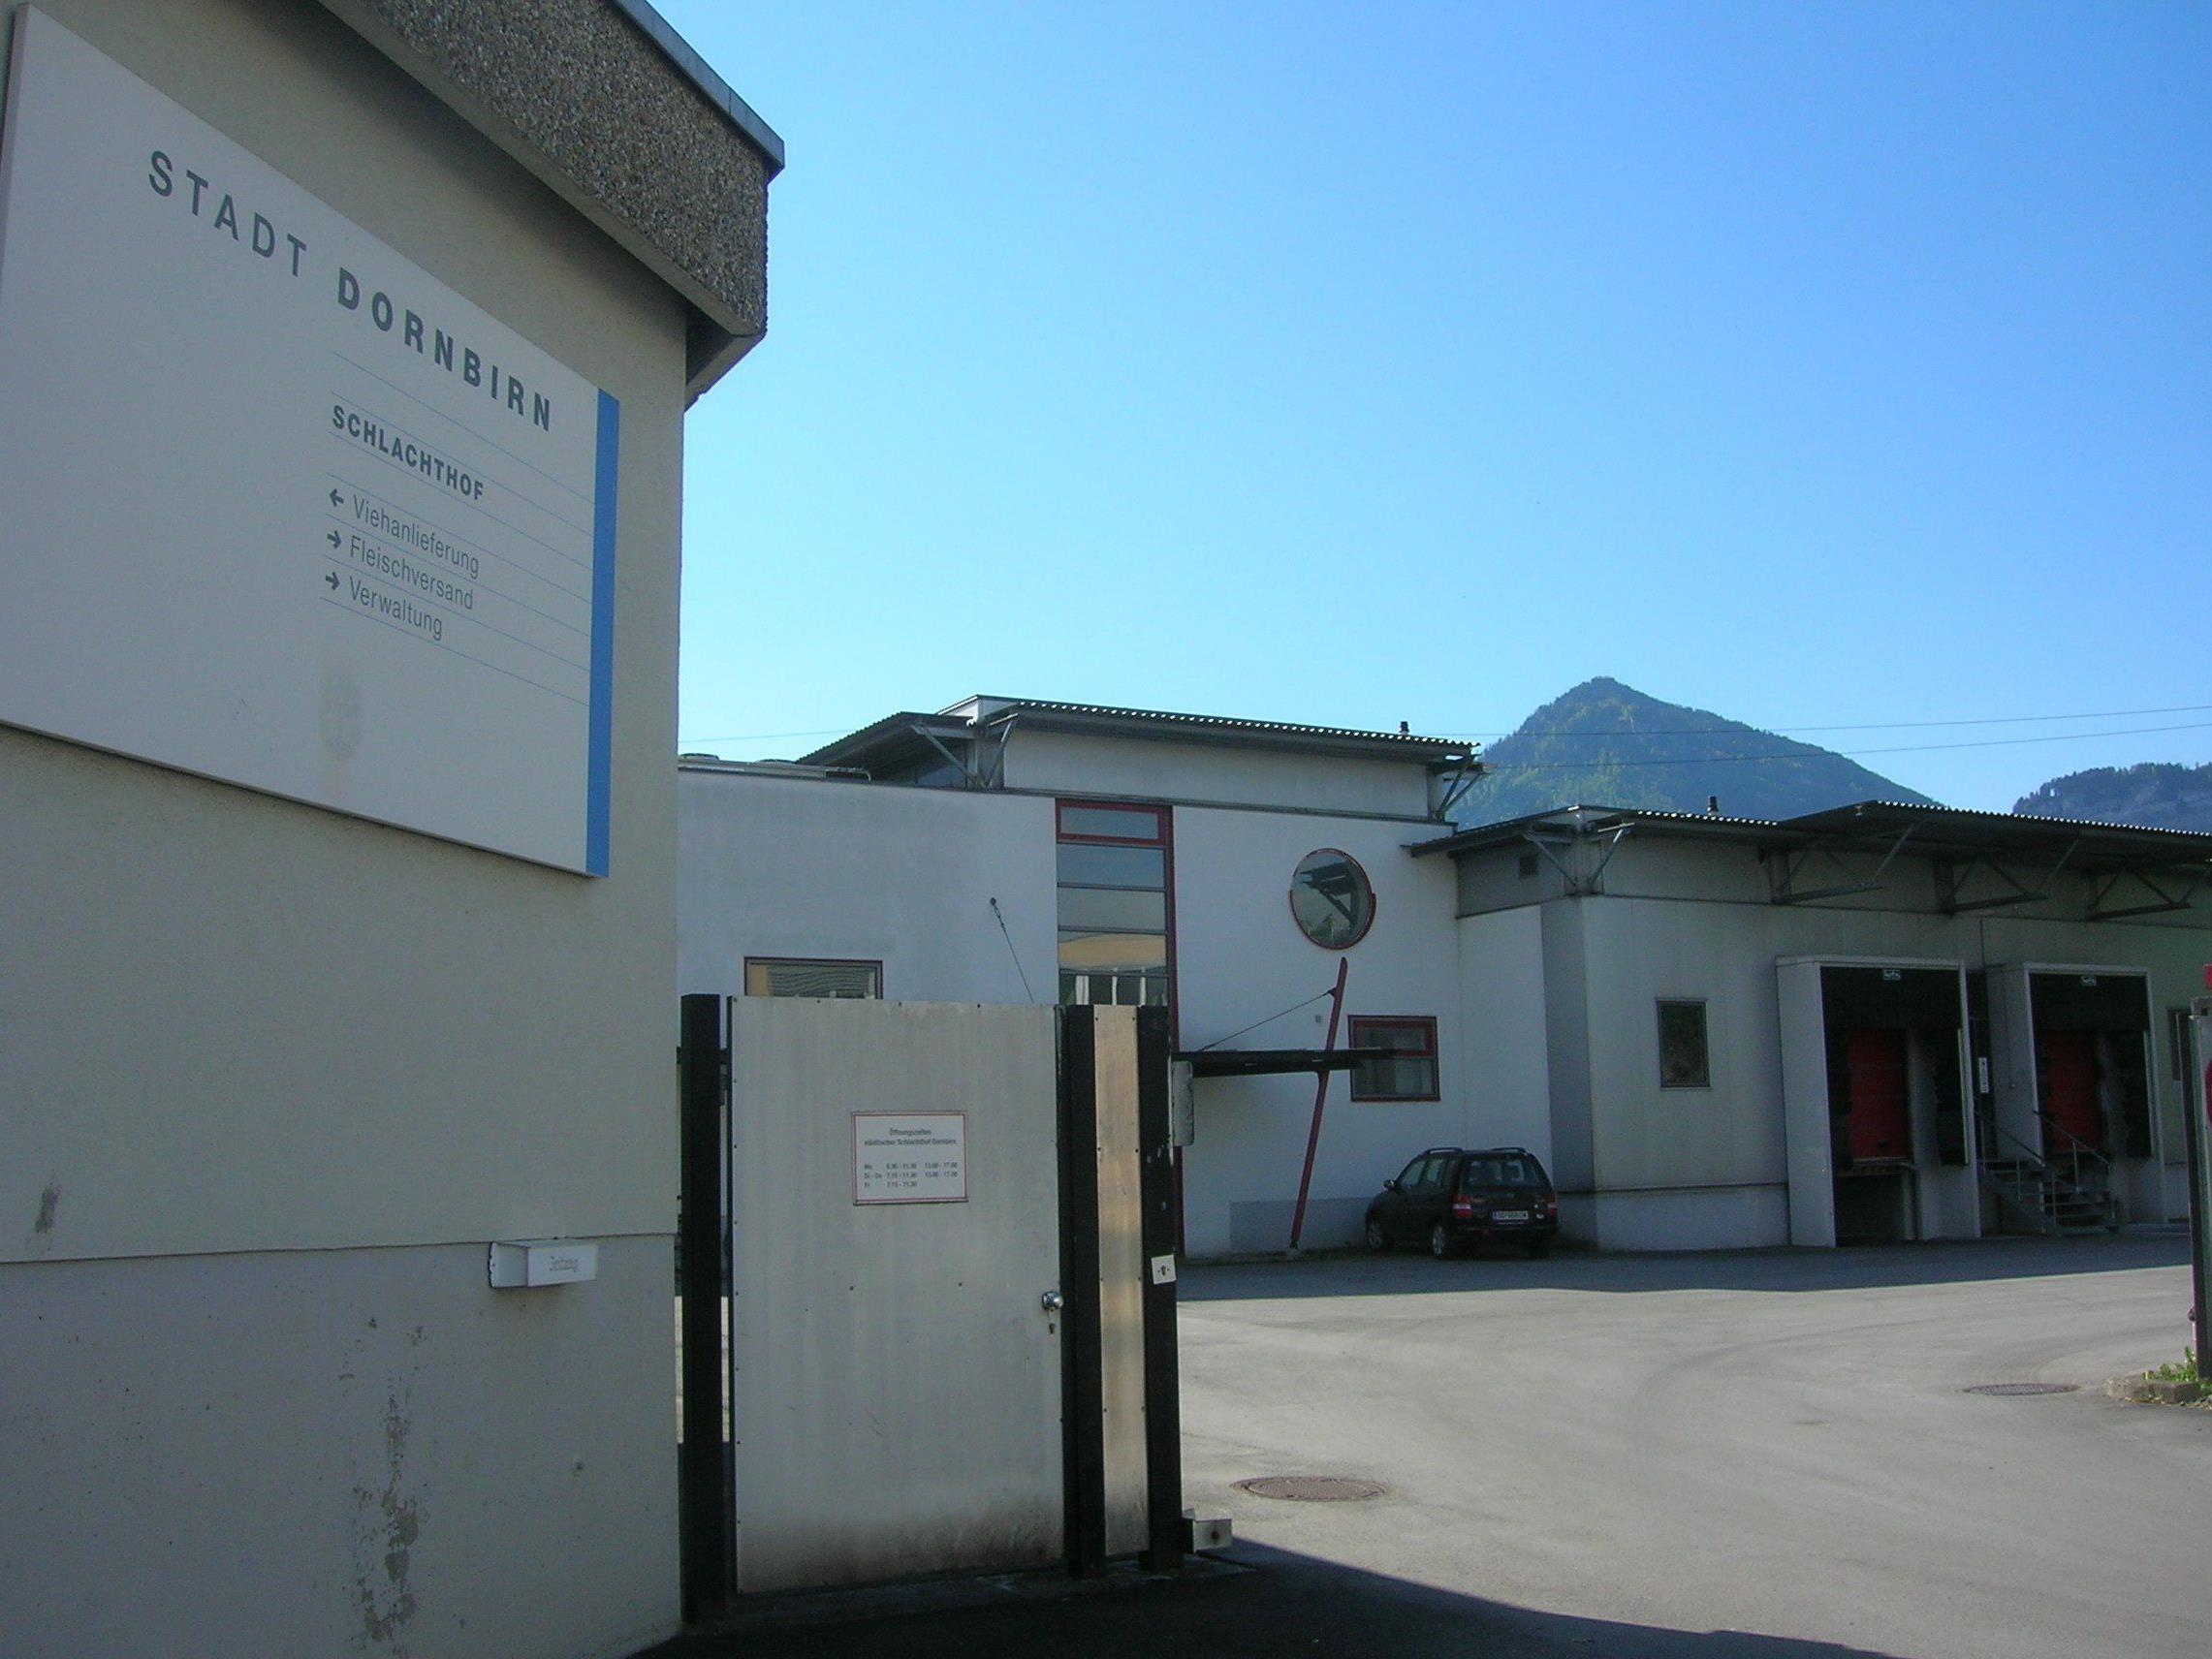 Der Schlachthof in Dornbirn soll von einem privaten Besitzer weitergeführt werden.